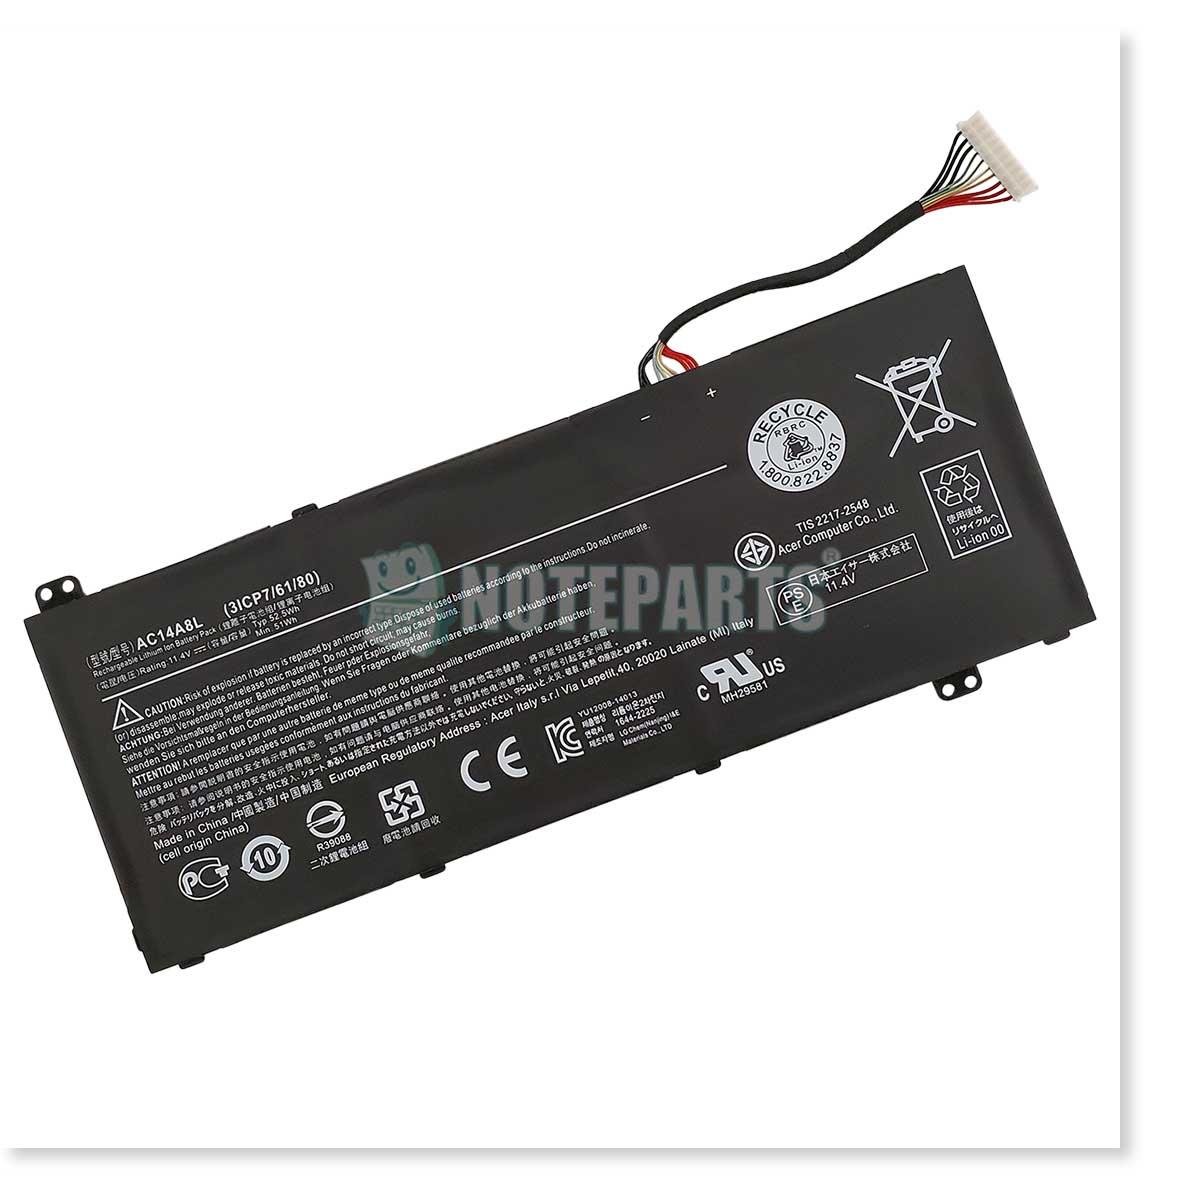 Acer純正 エイサー Aspire V Nitro VN7-571G VN7-572G VX5-591G バッテリー AC14A8L